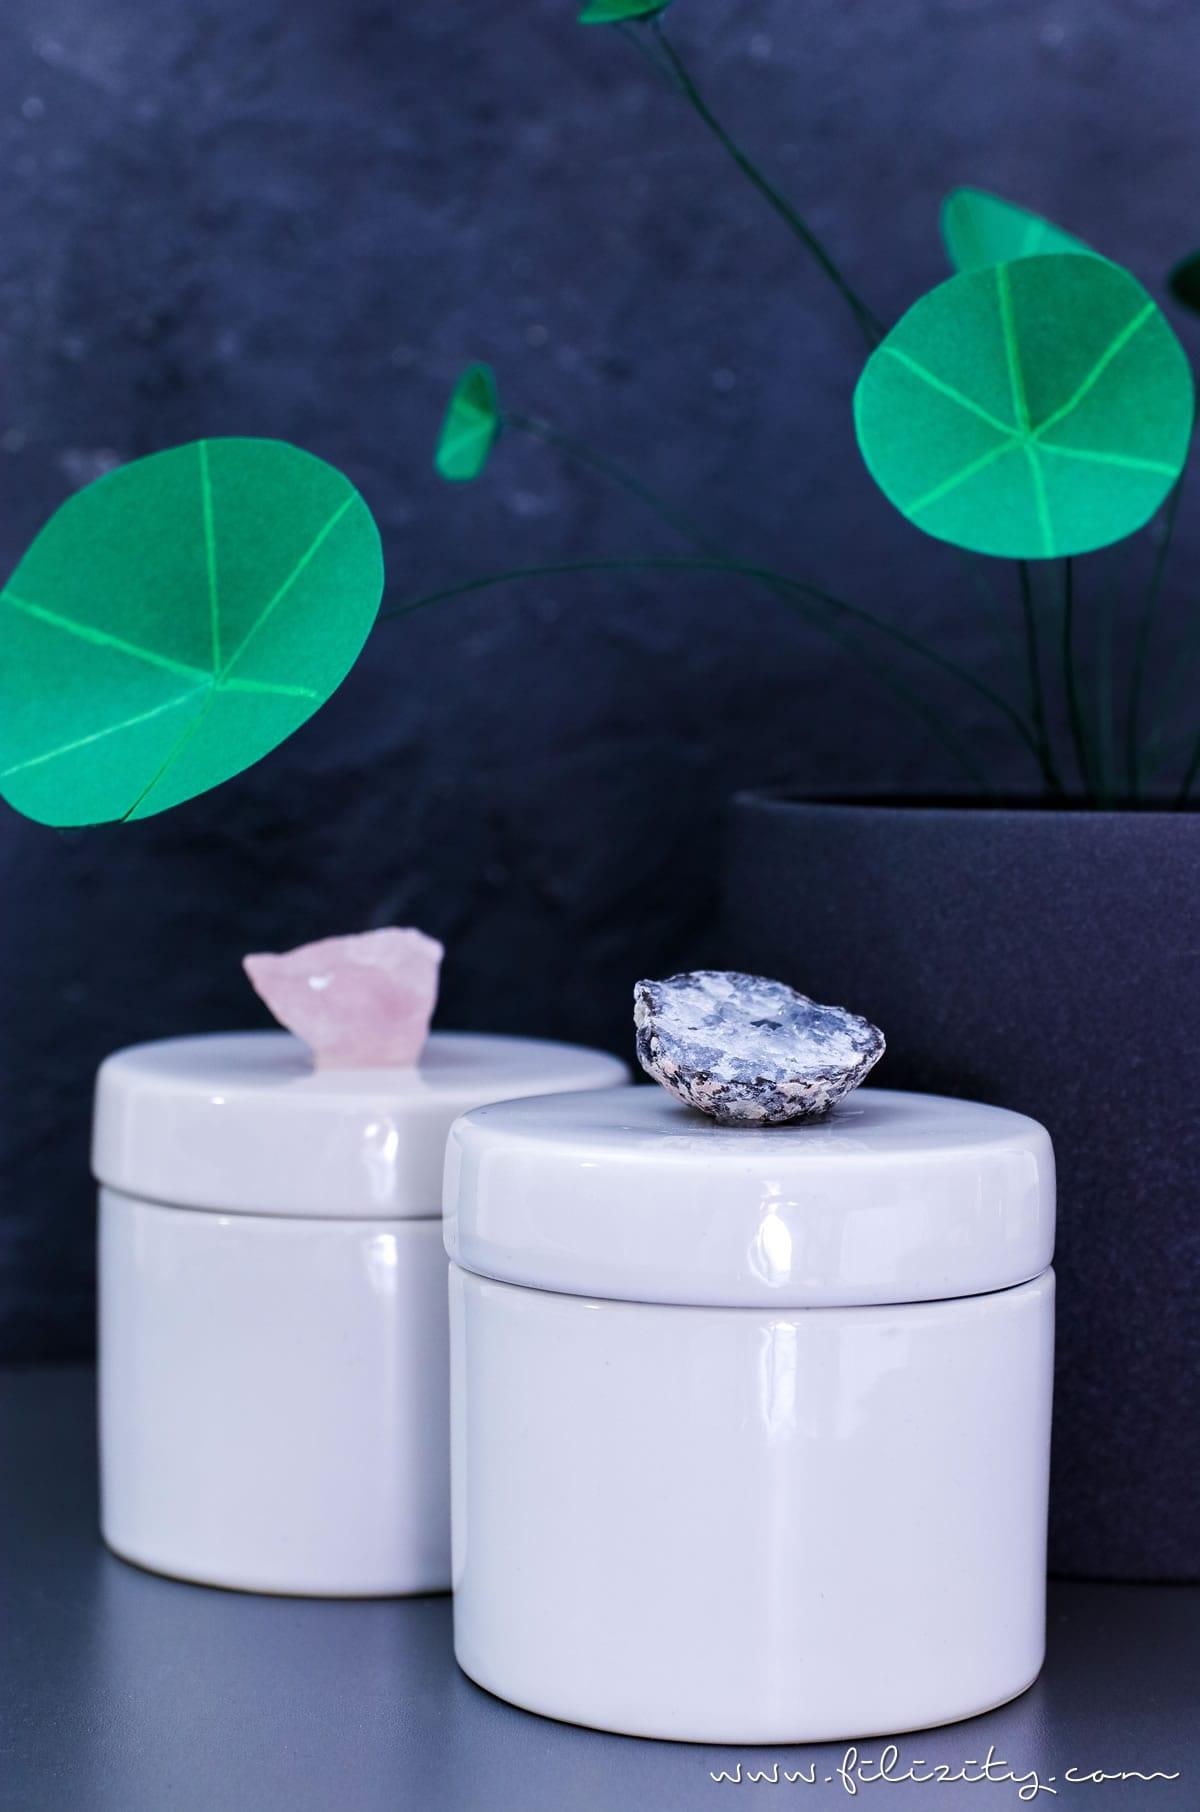 Luxus Deko Selber Machen: DIY Porzellan Aufbewahrungsdosen Mit  Kristalldeckel Schnell U0026 Günstig Selbst Gemacht